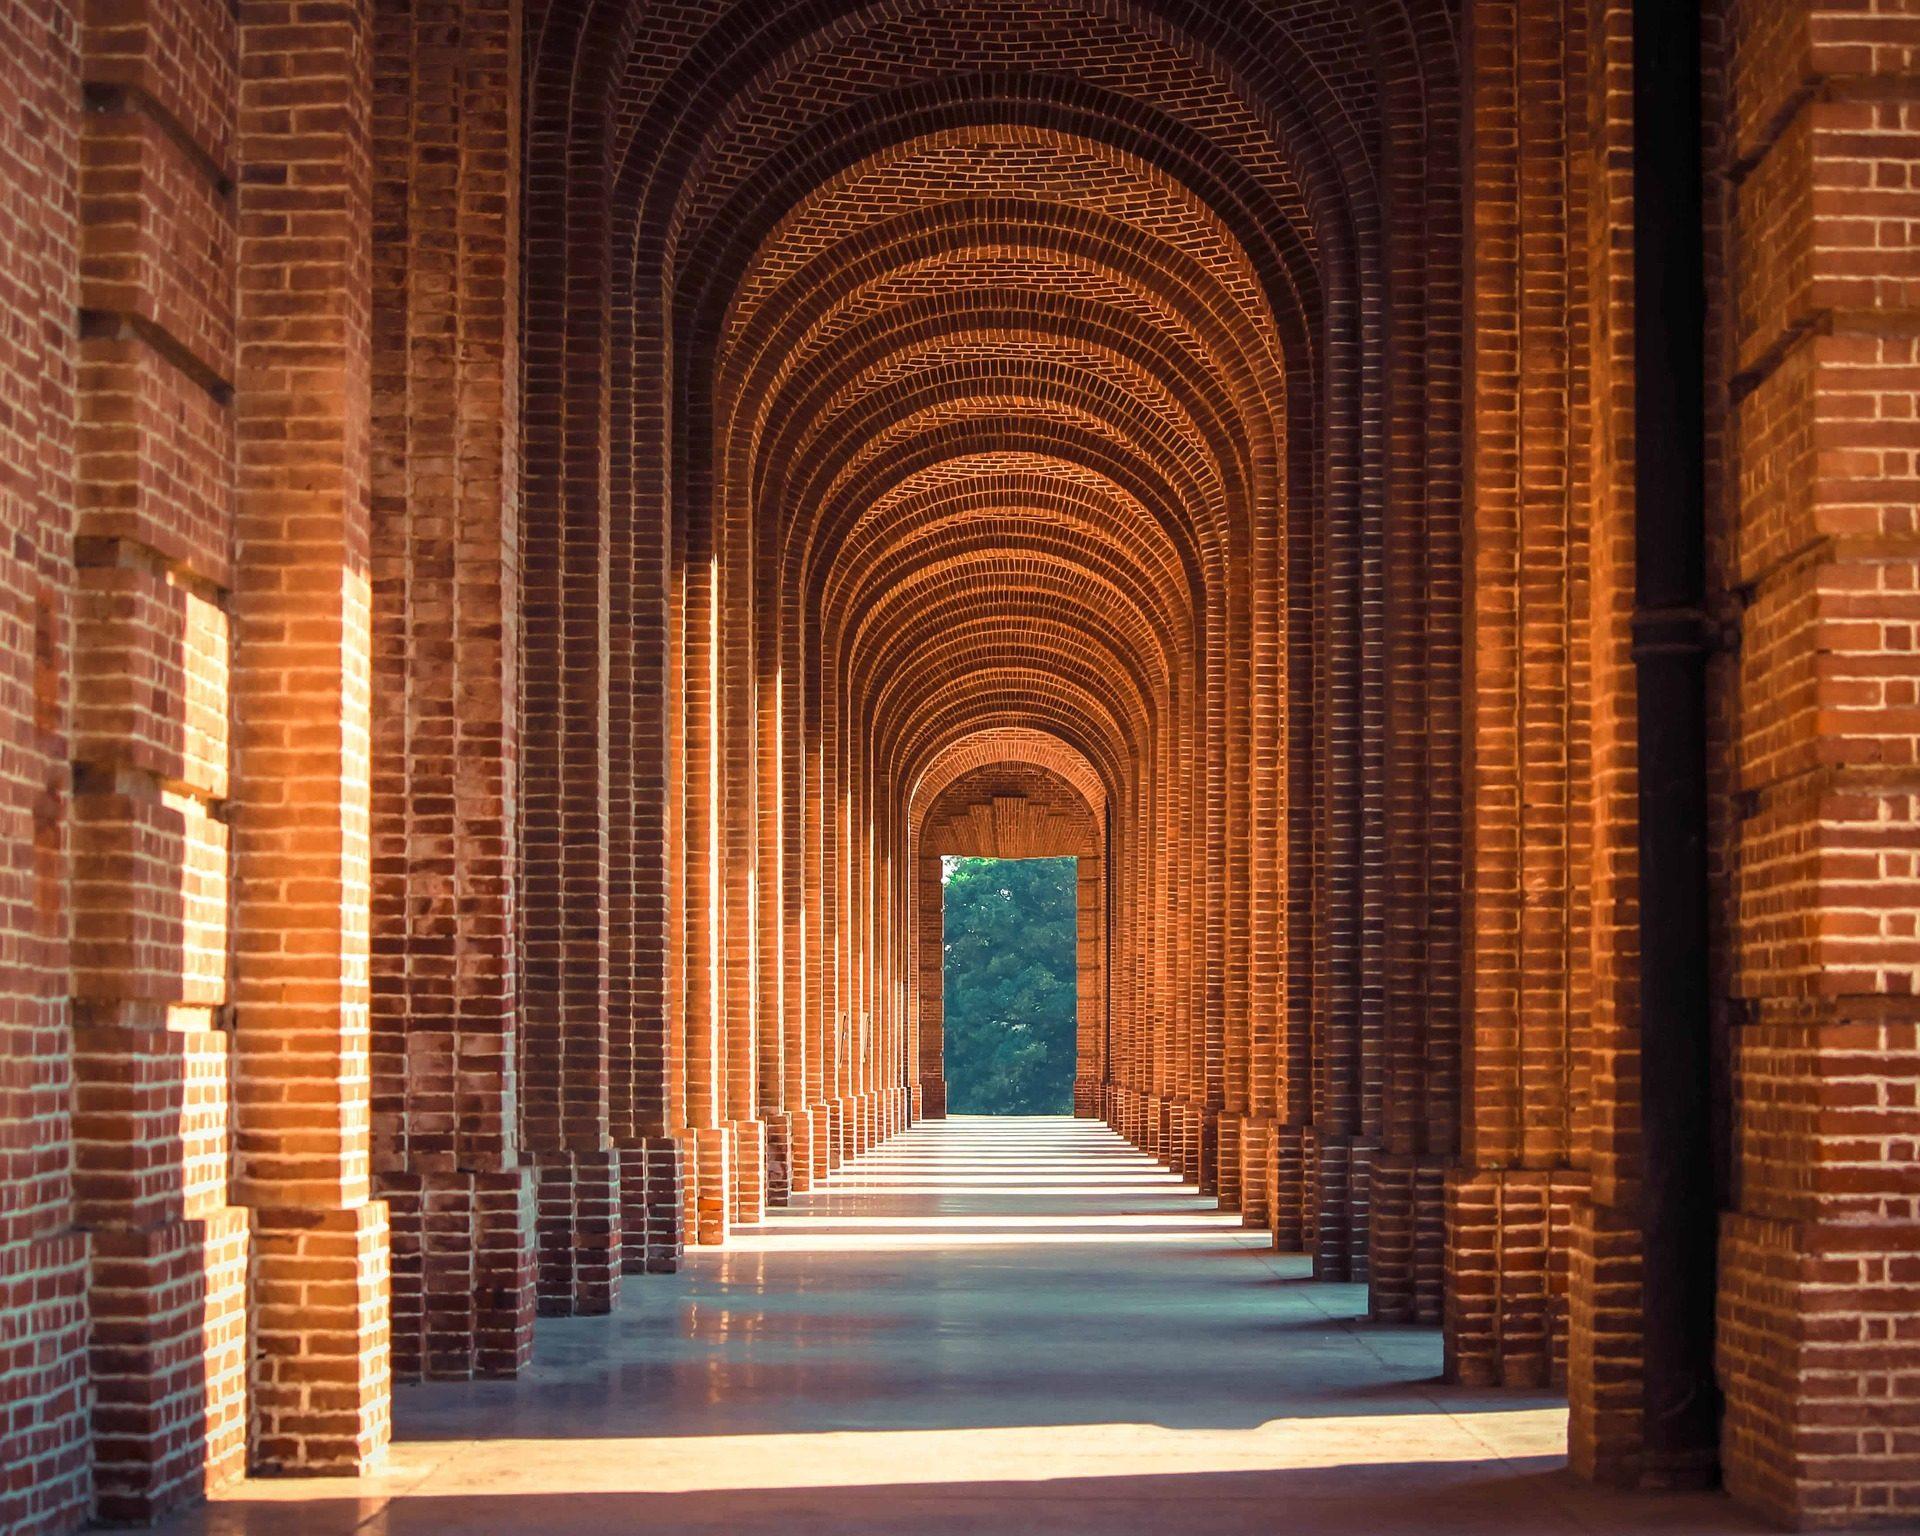 passagem, Hall, Arcos, colunas, tijolos - Papéis de parede HD - Professor-falken.com